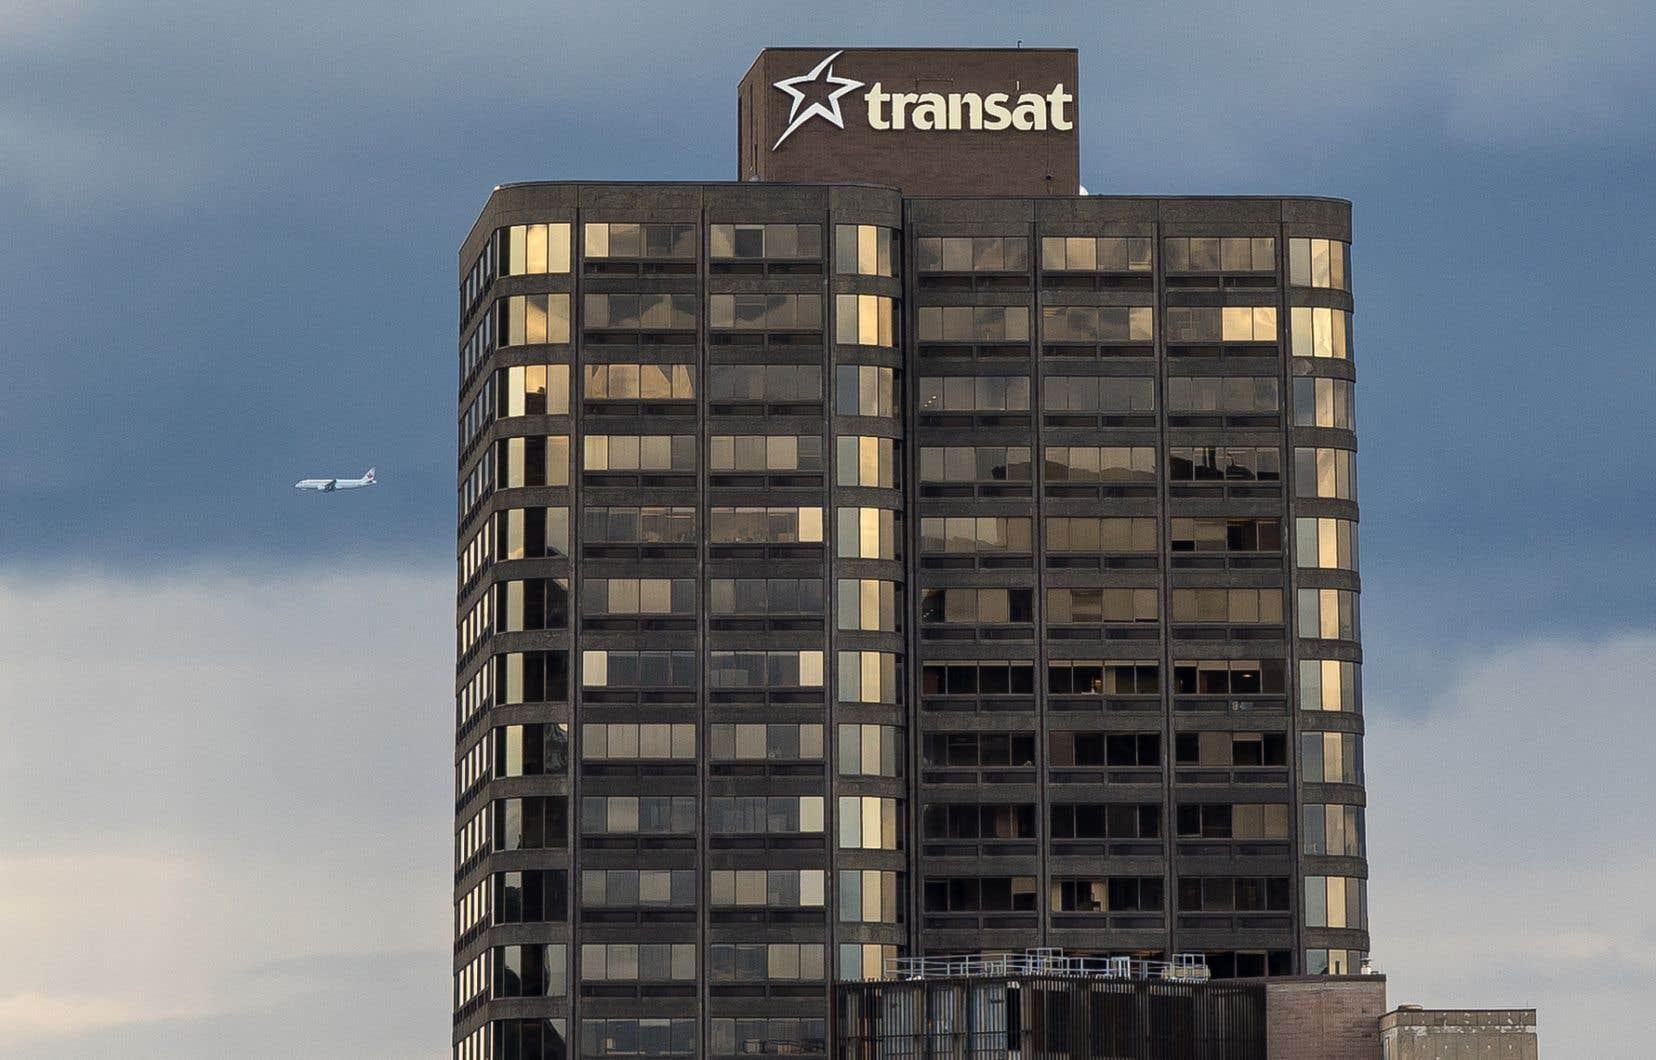 À la Bourse de Toronto, le titre de Transat a terminé la séance à 14,19$ mercredi, en hausse de 17¢, ou 1,2%, par rapport à son cours de clôture de mardi.